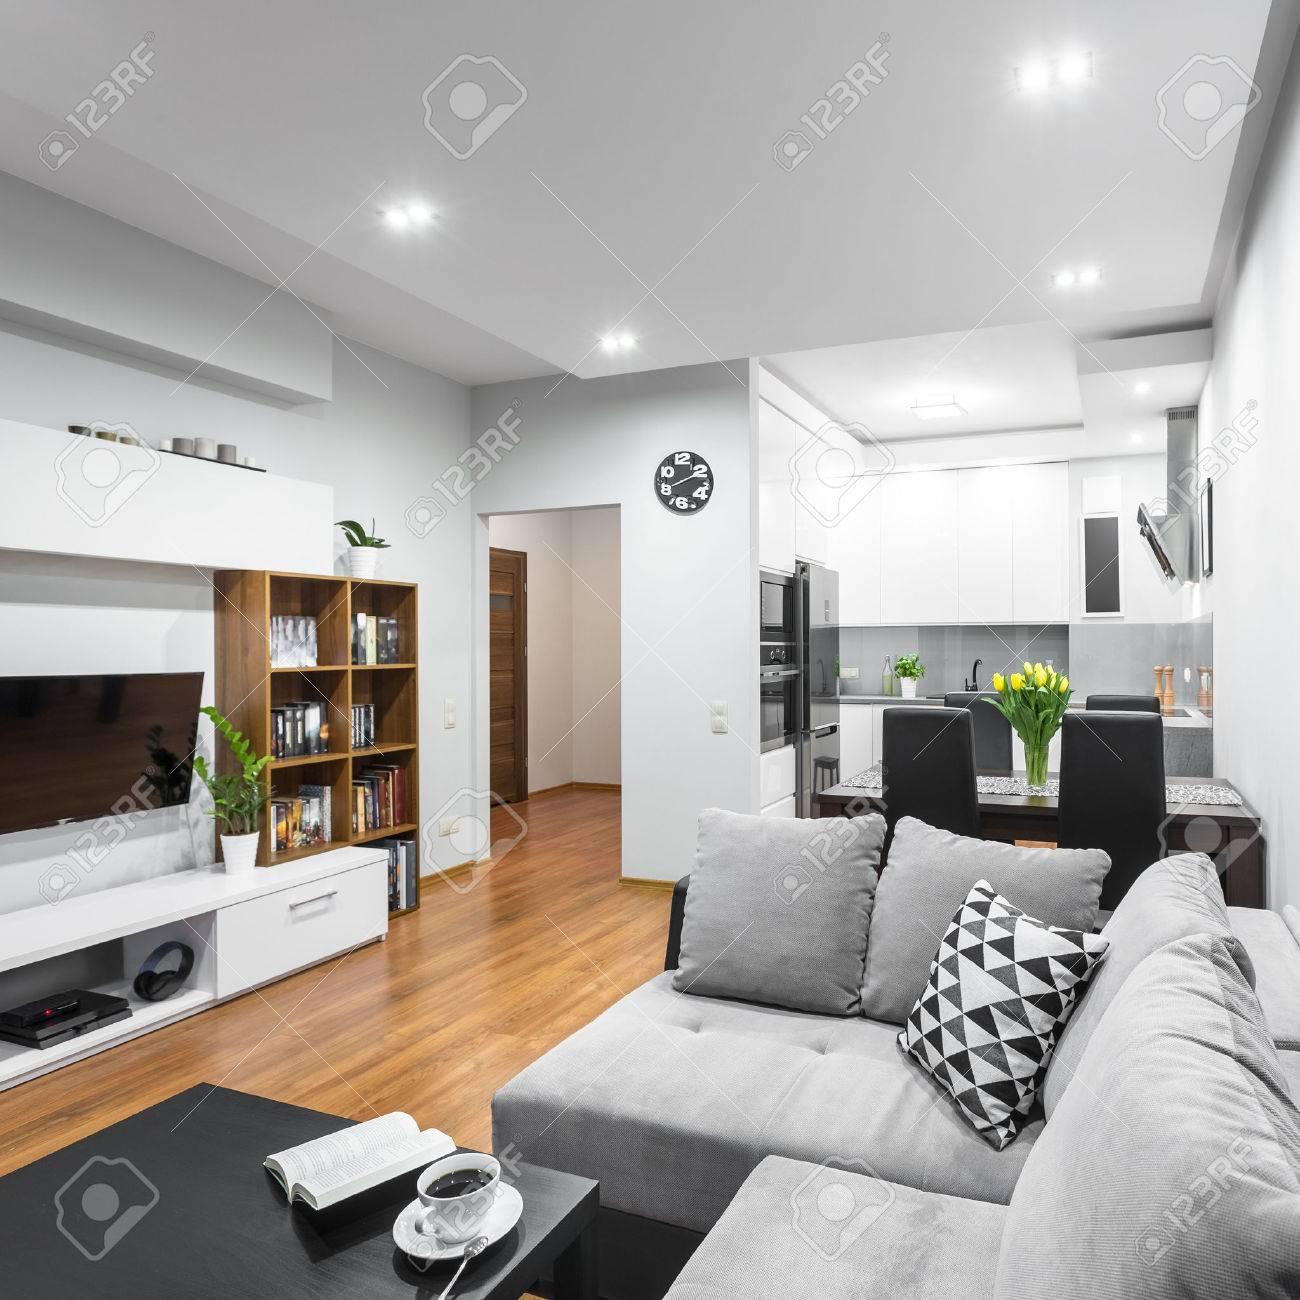 Luminoso y espacioso apartamento en el nuevo estilo con un sofá grande,  juego de comedor y cocina abierta